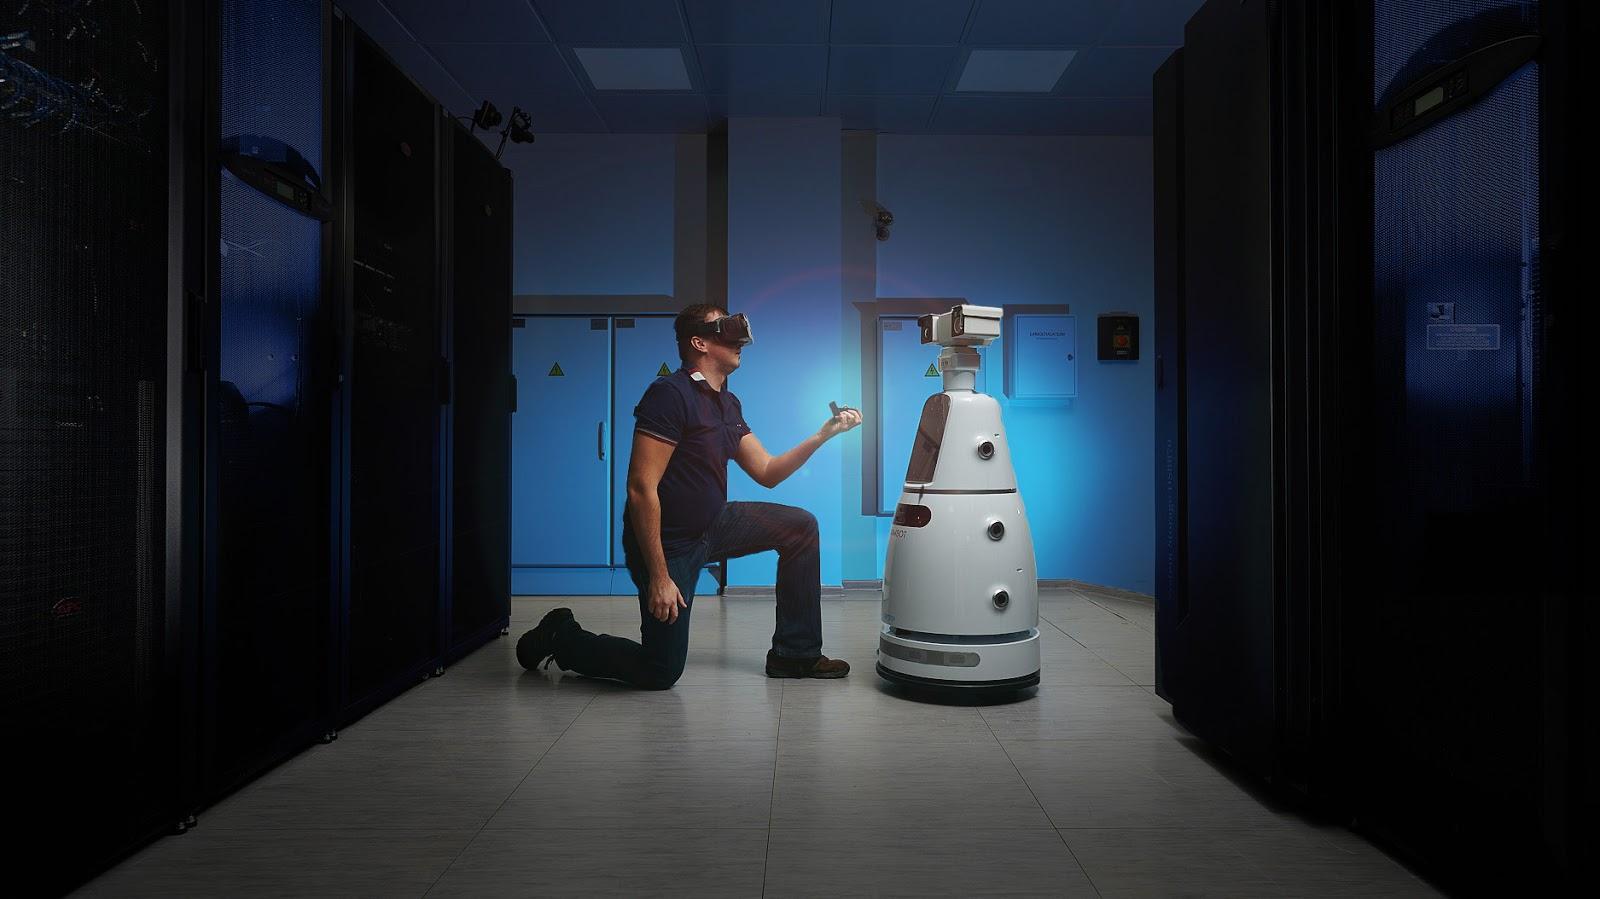 Будущее наступает: китайские роботы приехали в Россию